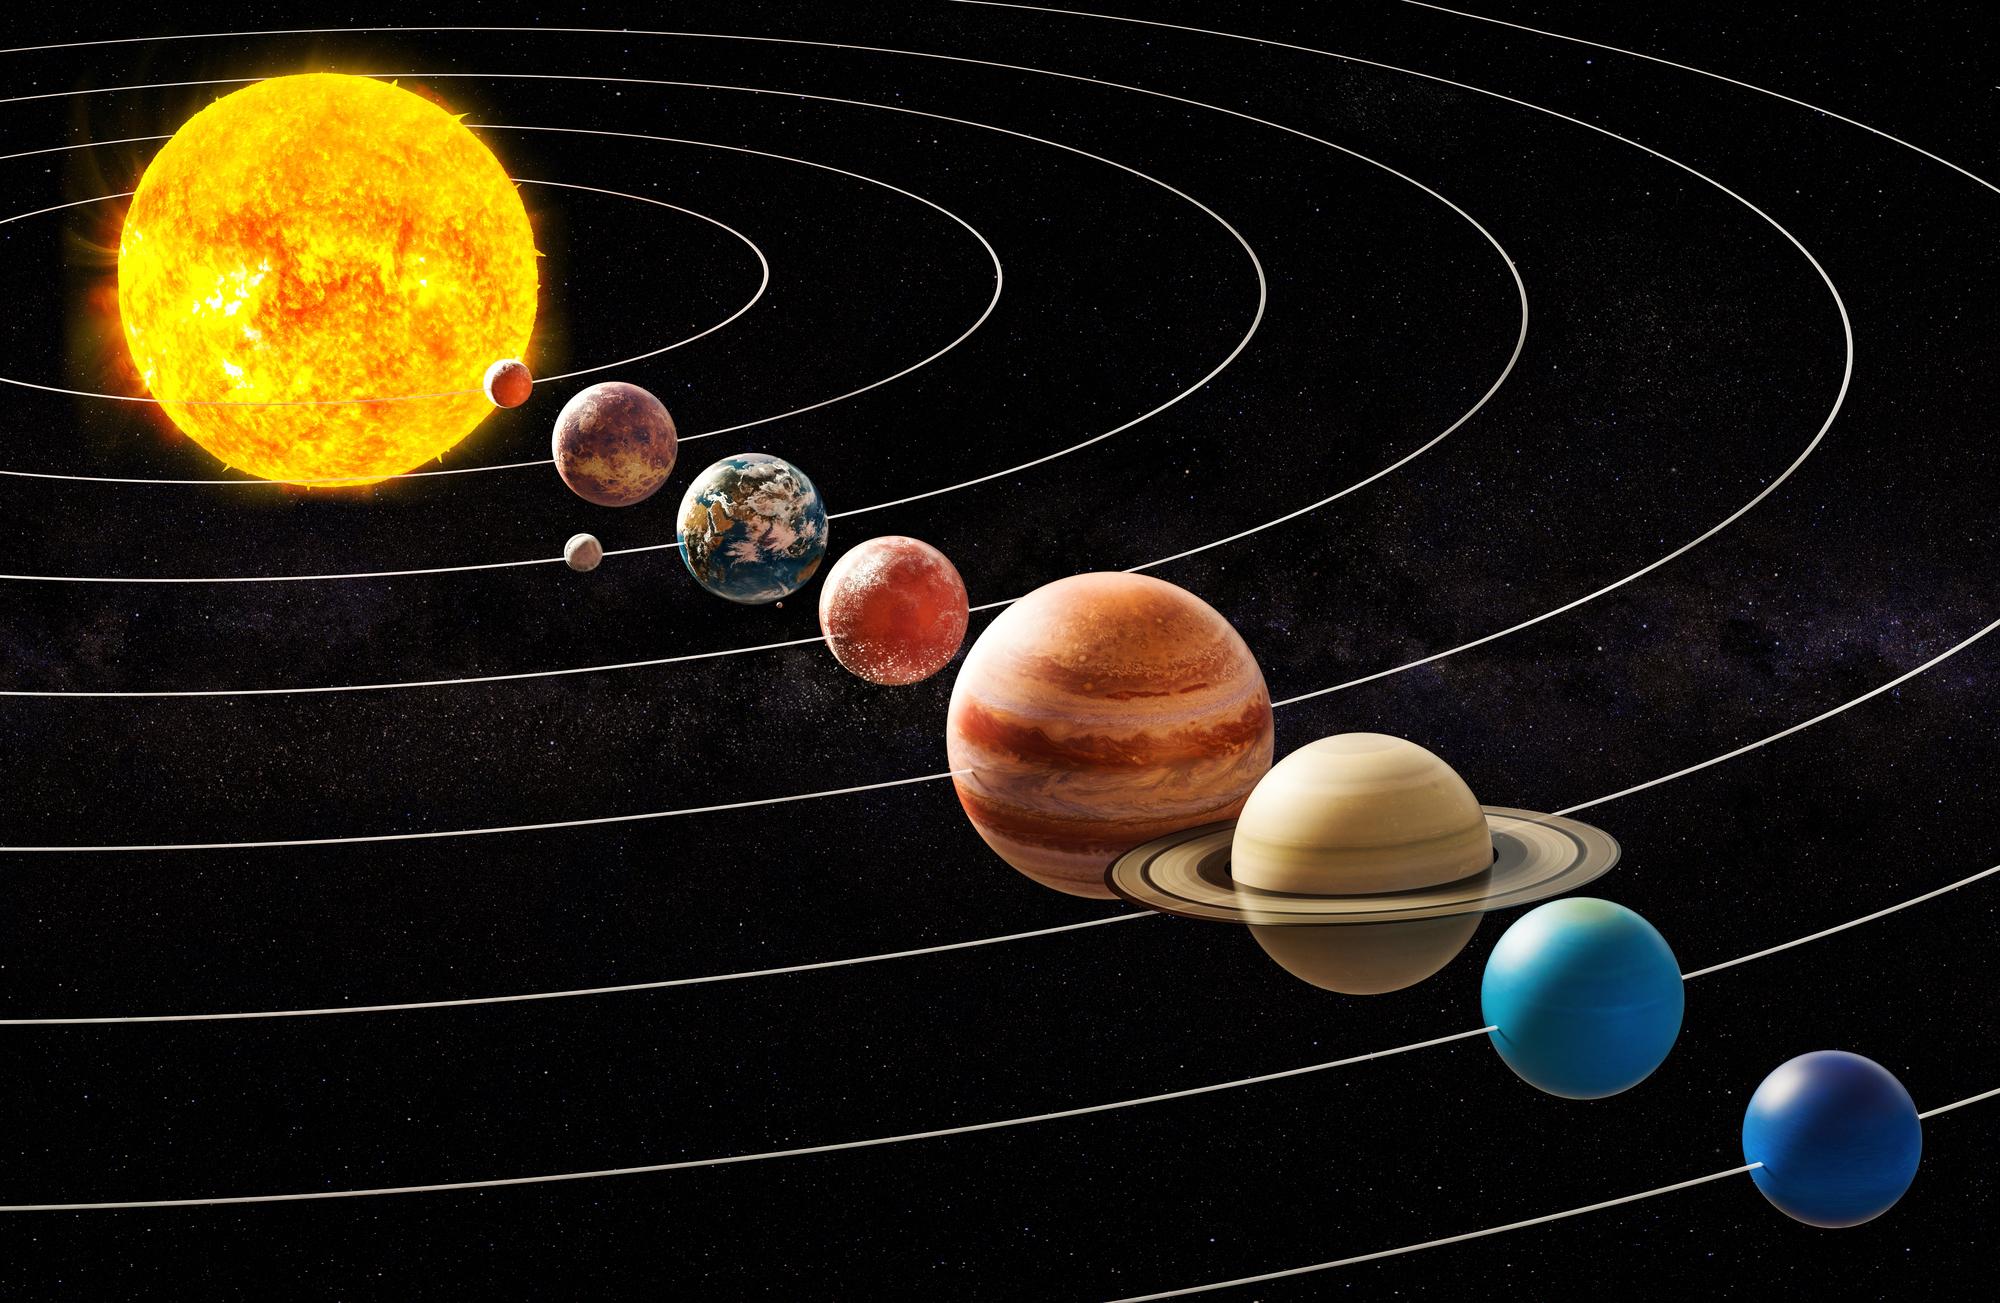 Парад планет 4 июля 2020: что нужно знать? | площадка михаила мороза